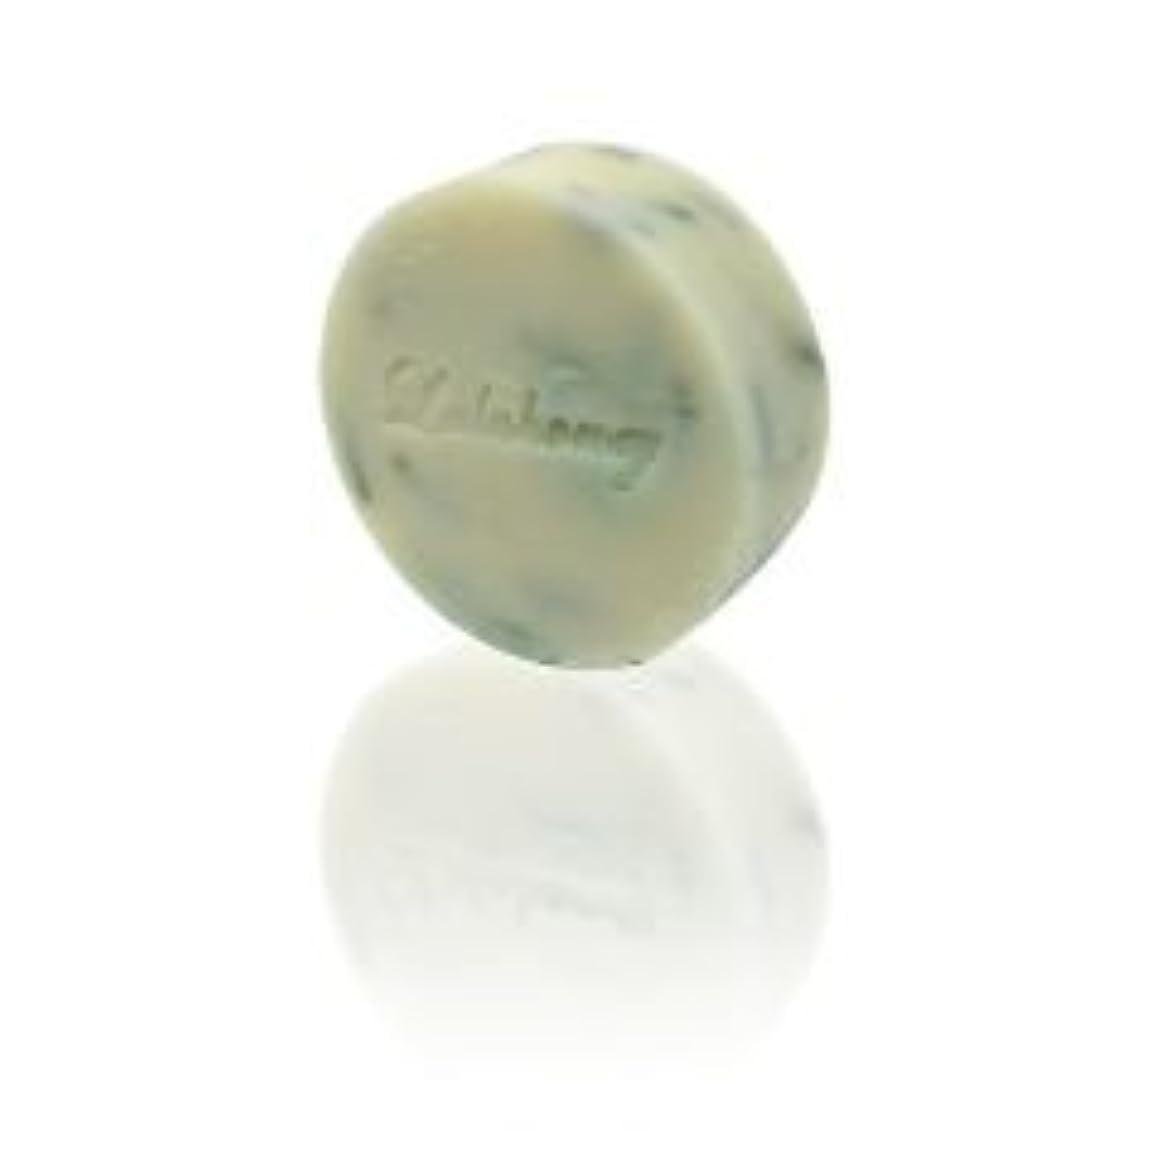 フレットスマッシュゴールLALAHONEY 石鹸〈グリーン&レモン〉80g【手作りでシンプルなコールドプロセス製法】